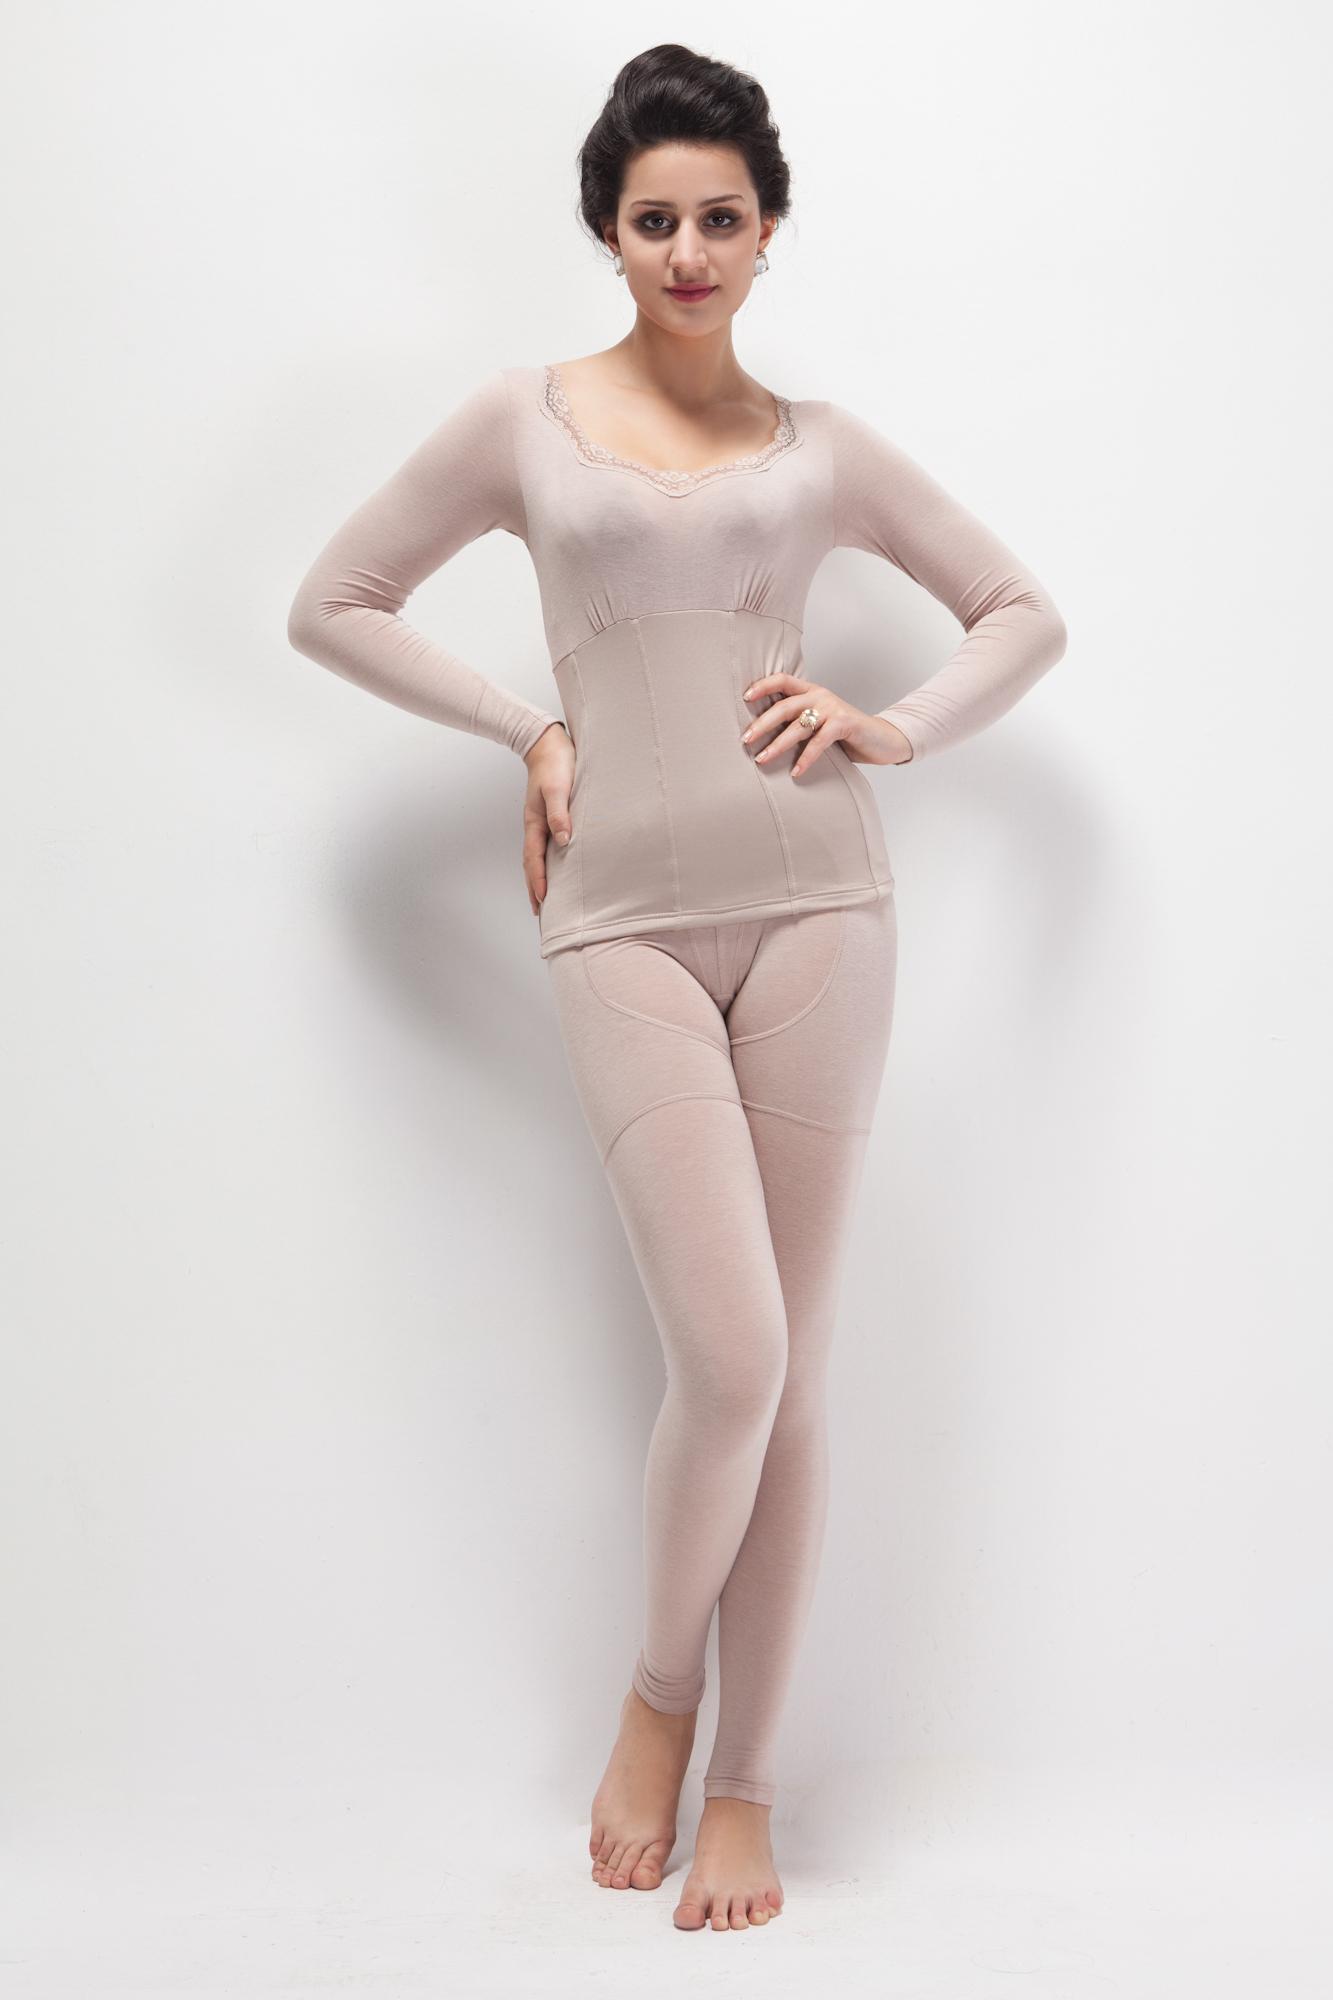 爱慕保暖内衣女 秋冬正品 塑身美体衣收腹保暖内衣套装打底衫包邮